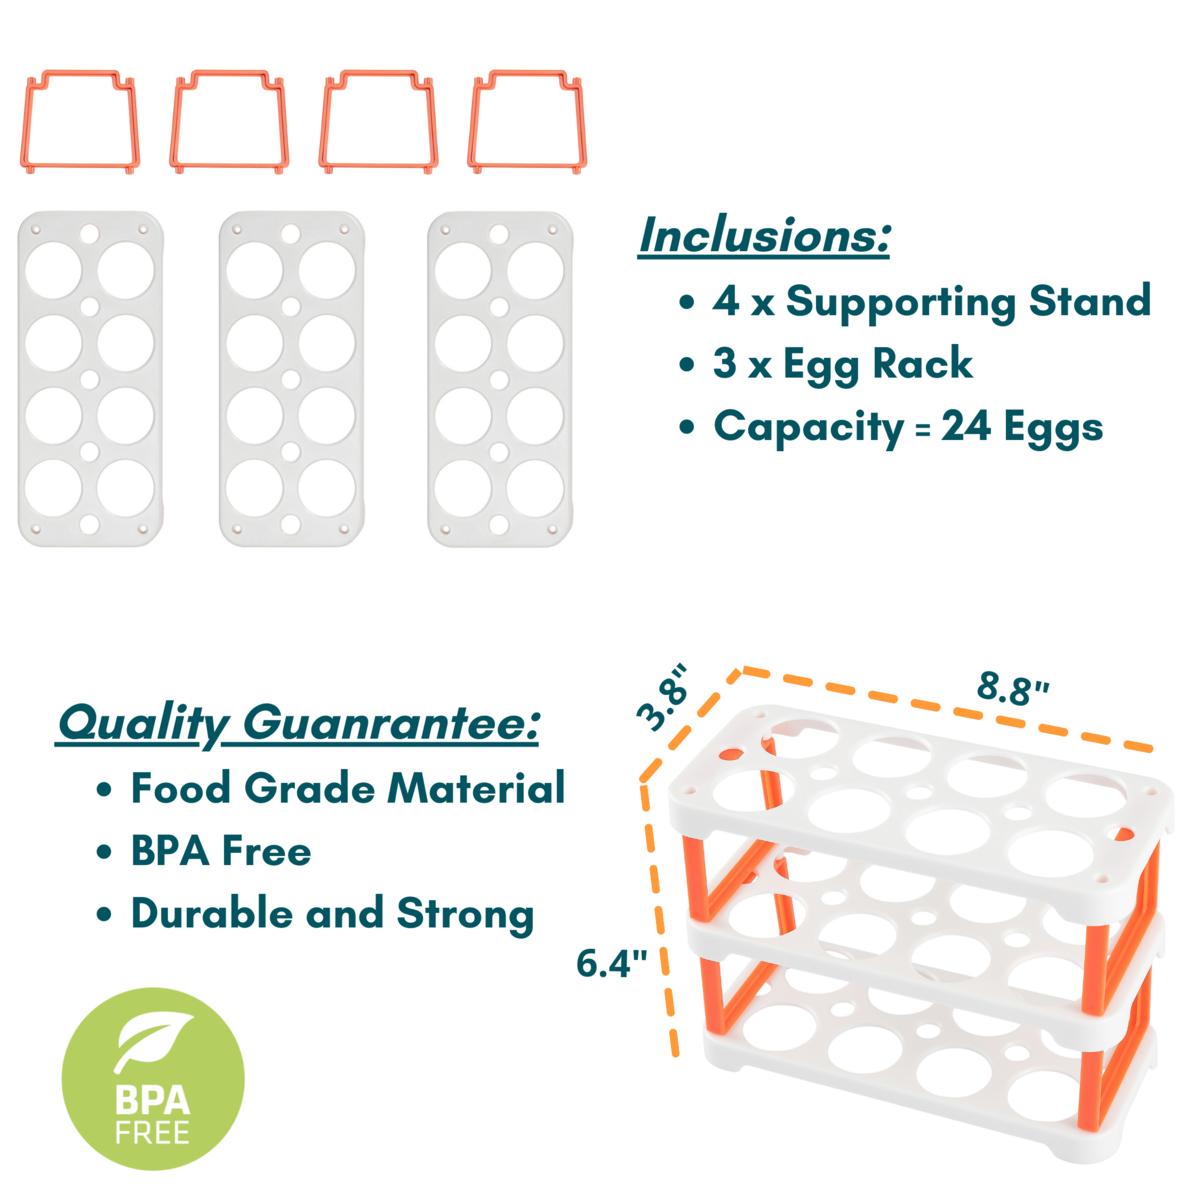 Ease.Life Egg Holder for Refrigerator - 3 Stackable Egg Racks - 24 Eggs - Color White